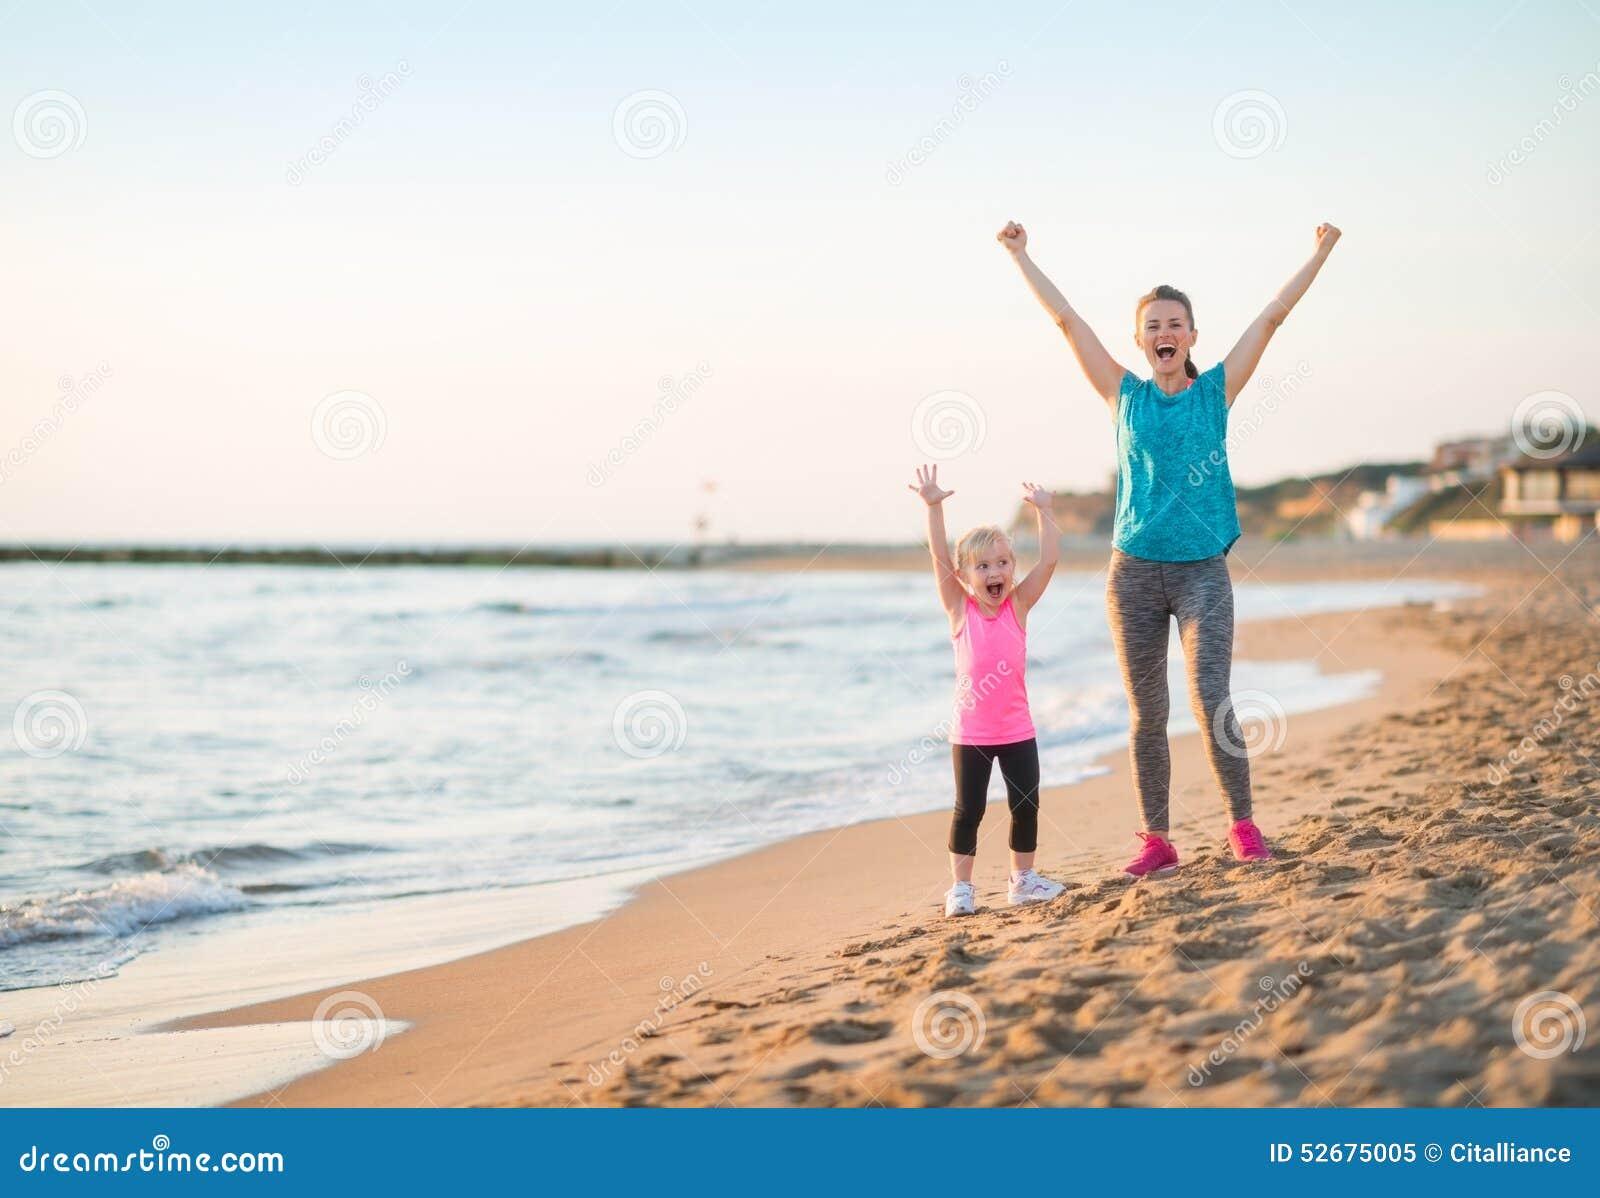 Здоровое ликование матери и ребёнка на пляже